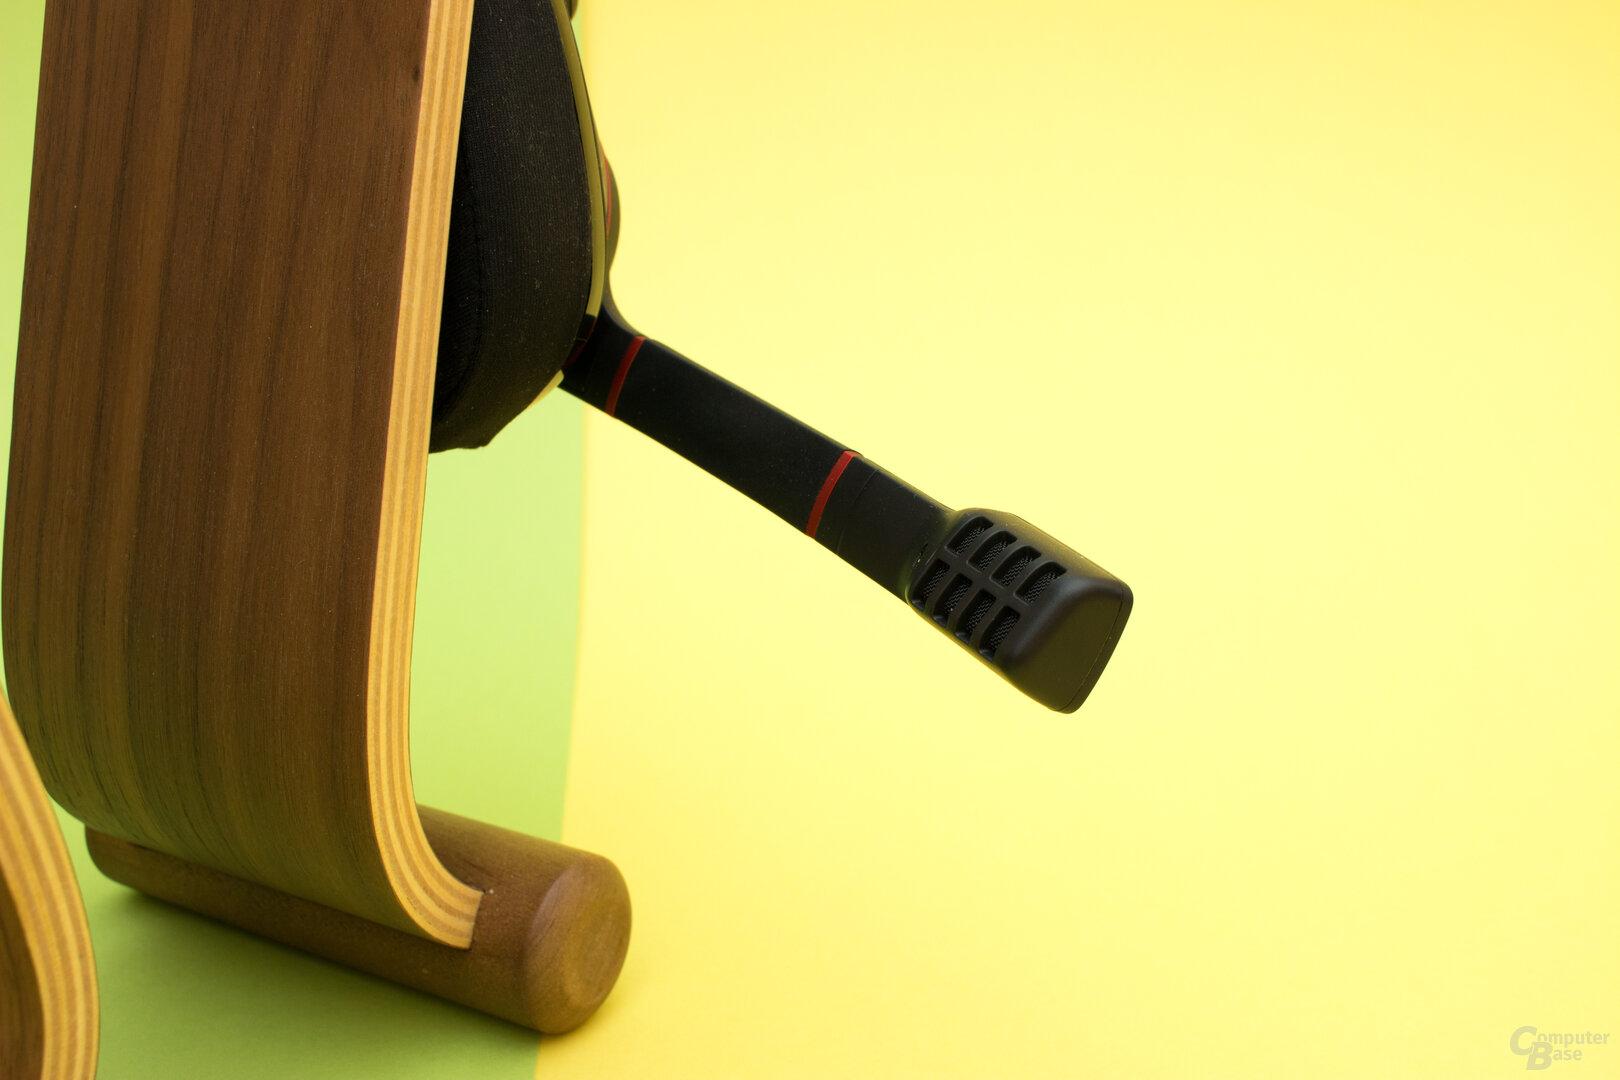 Das ausklappbare Mikrophon hinterlässt einen soliden Eindruck